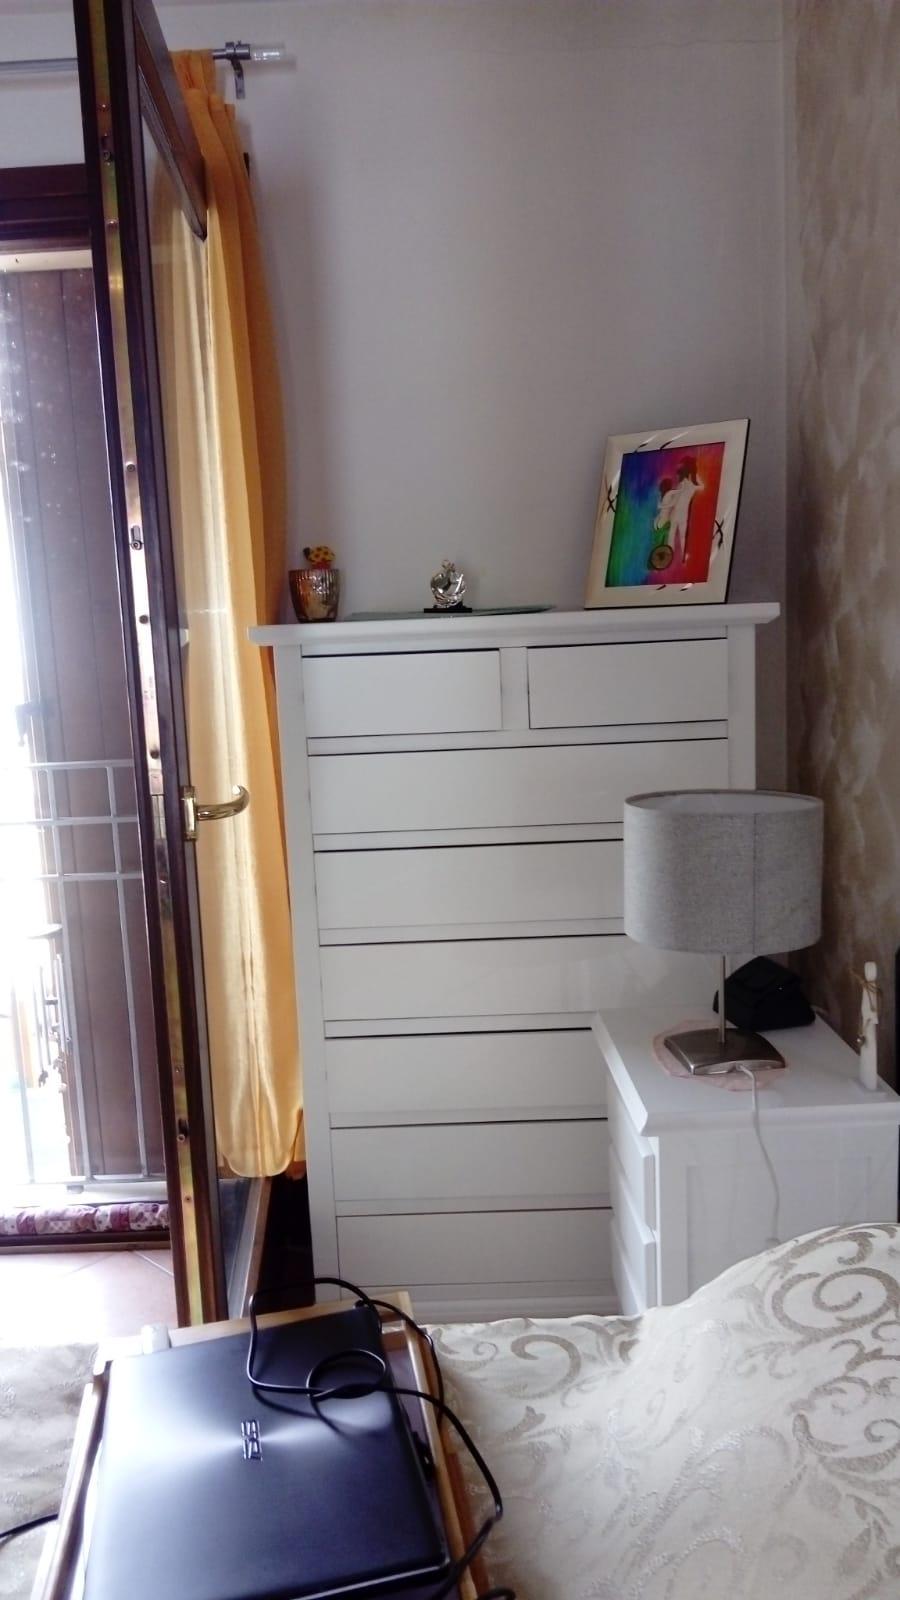 CASSETTIERA 6+2 CASS BIANCO OPACO fornita dal cliente